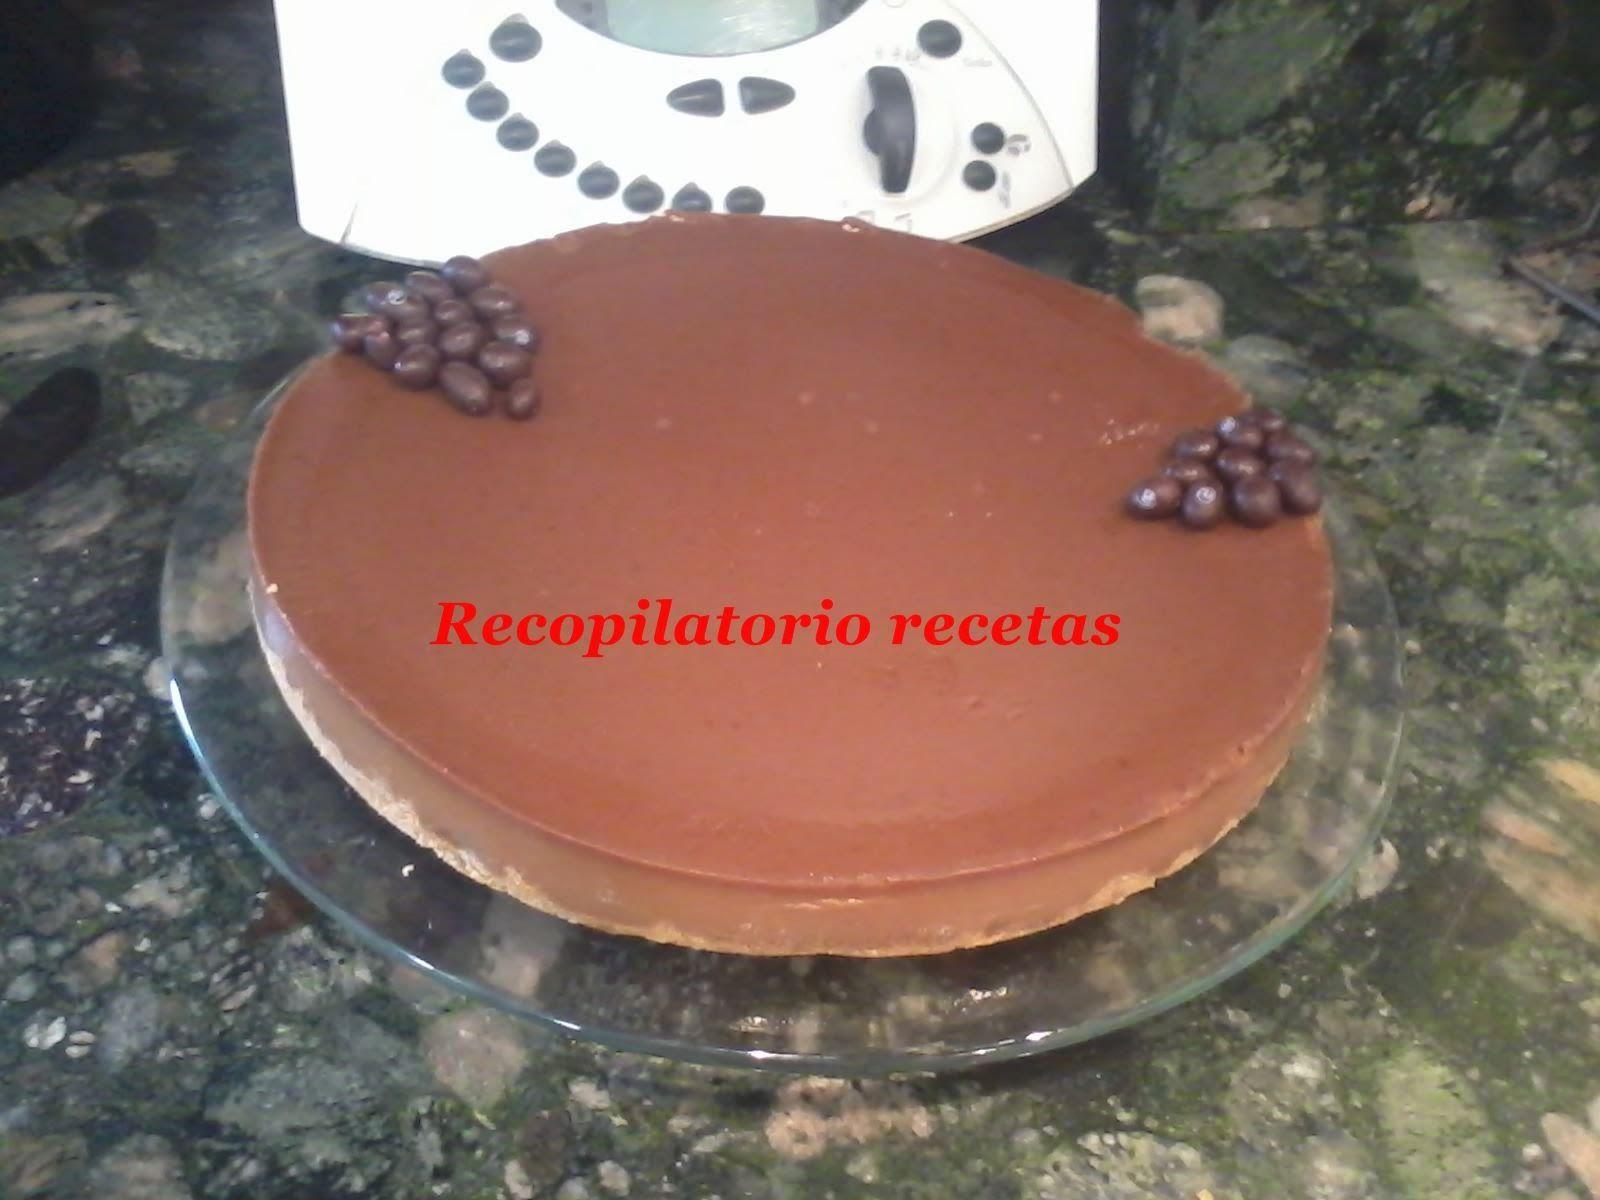 Recopilatorio de recetas : Tarta/flan de conguitos en thermomix